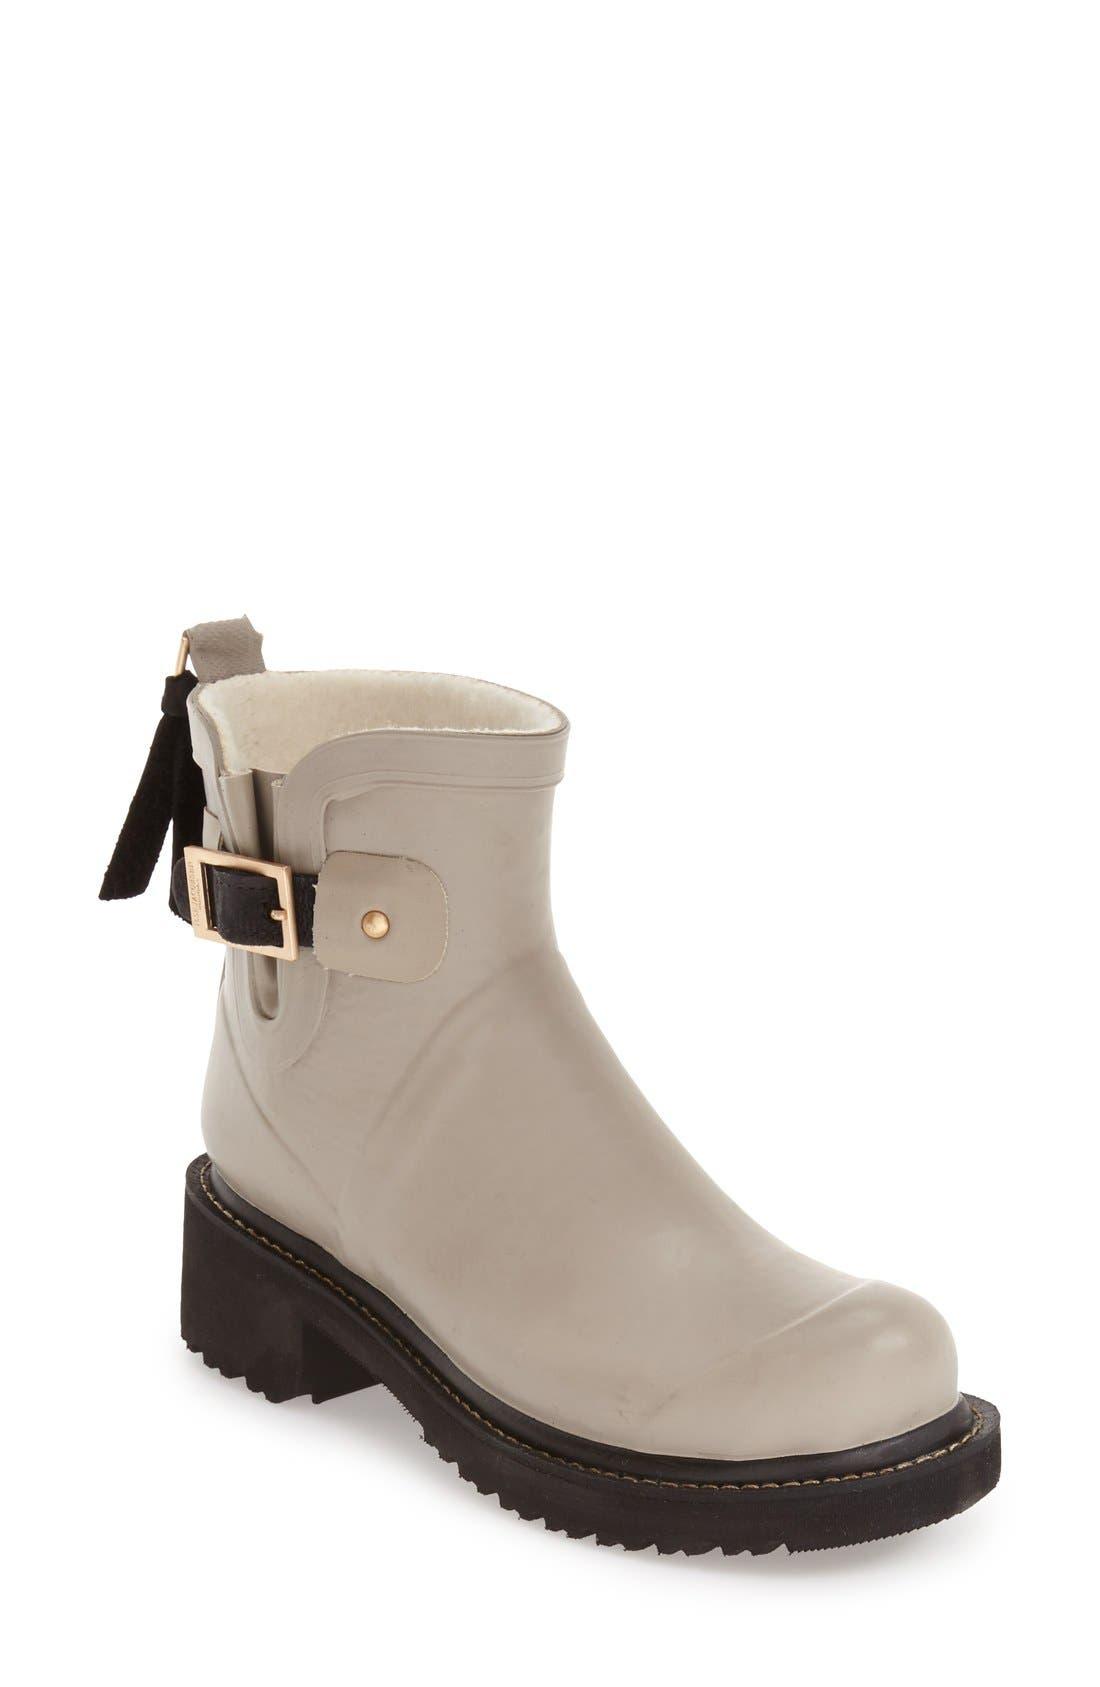 Ilse Jacobsen Short Waterproof Rubber Boot, Grey